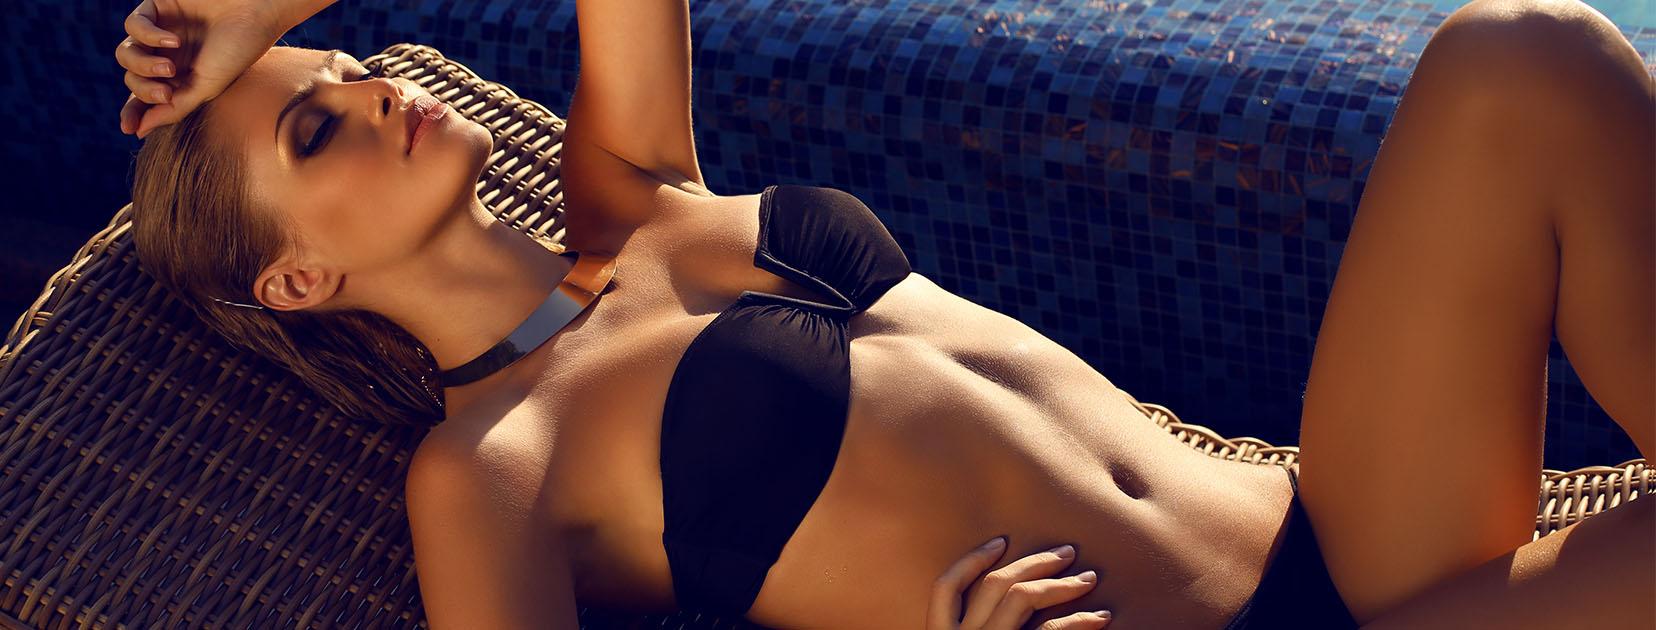 8 consigli per un'abbronzatura perfetta e duratura